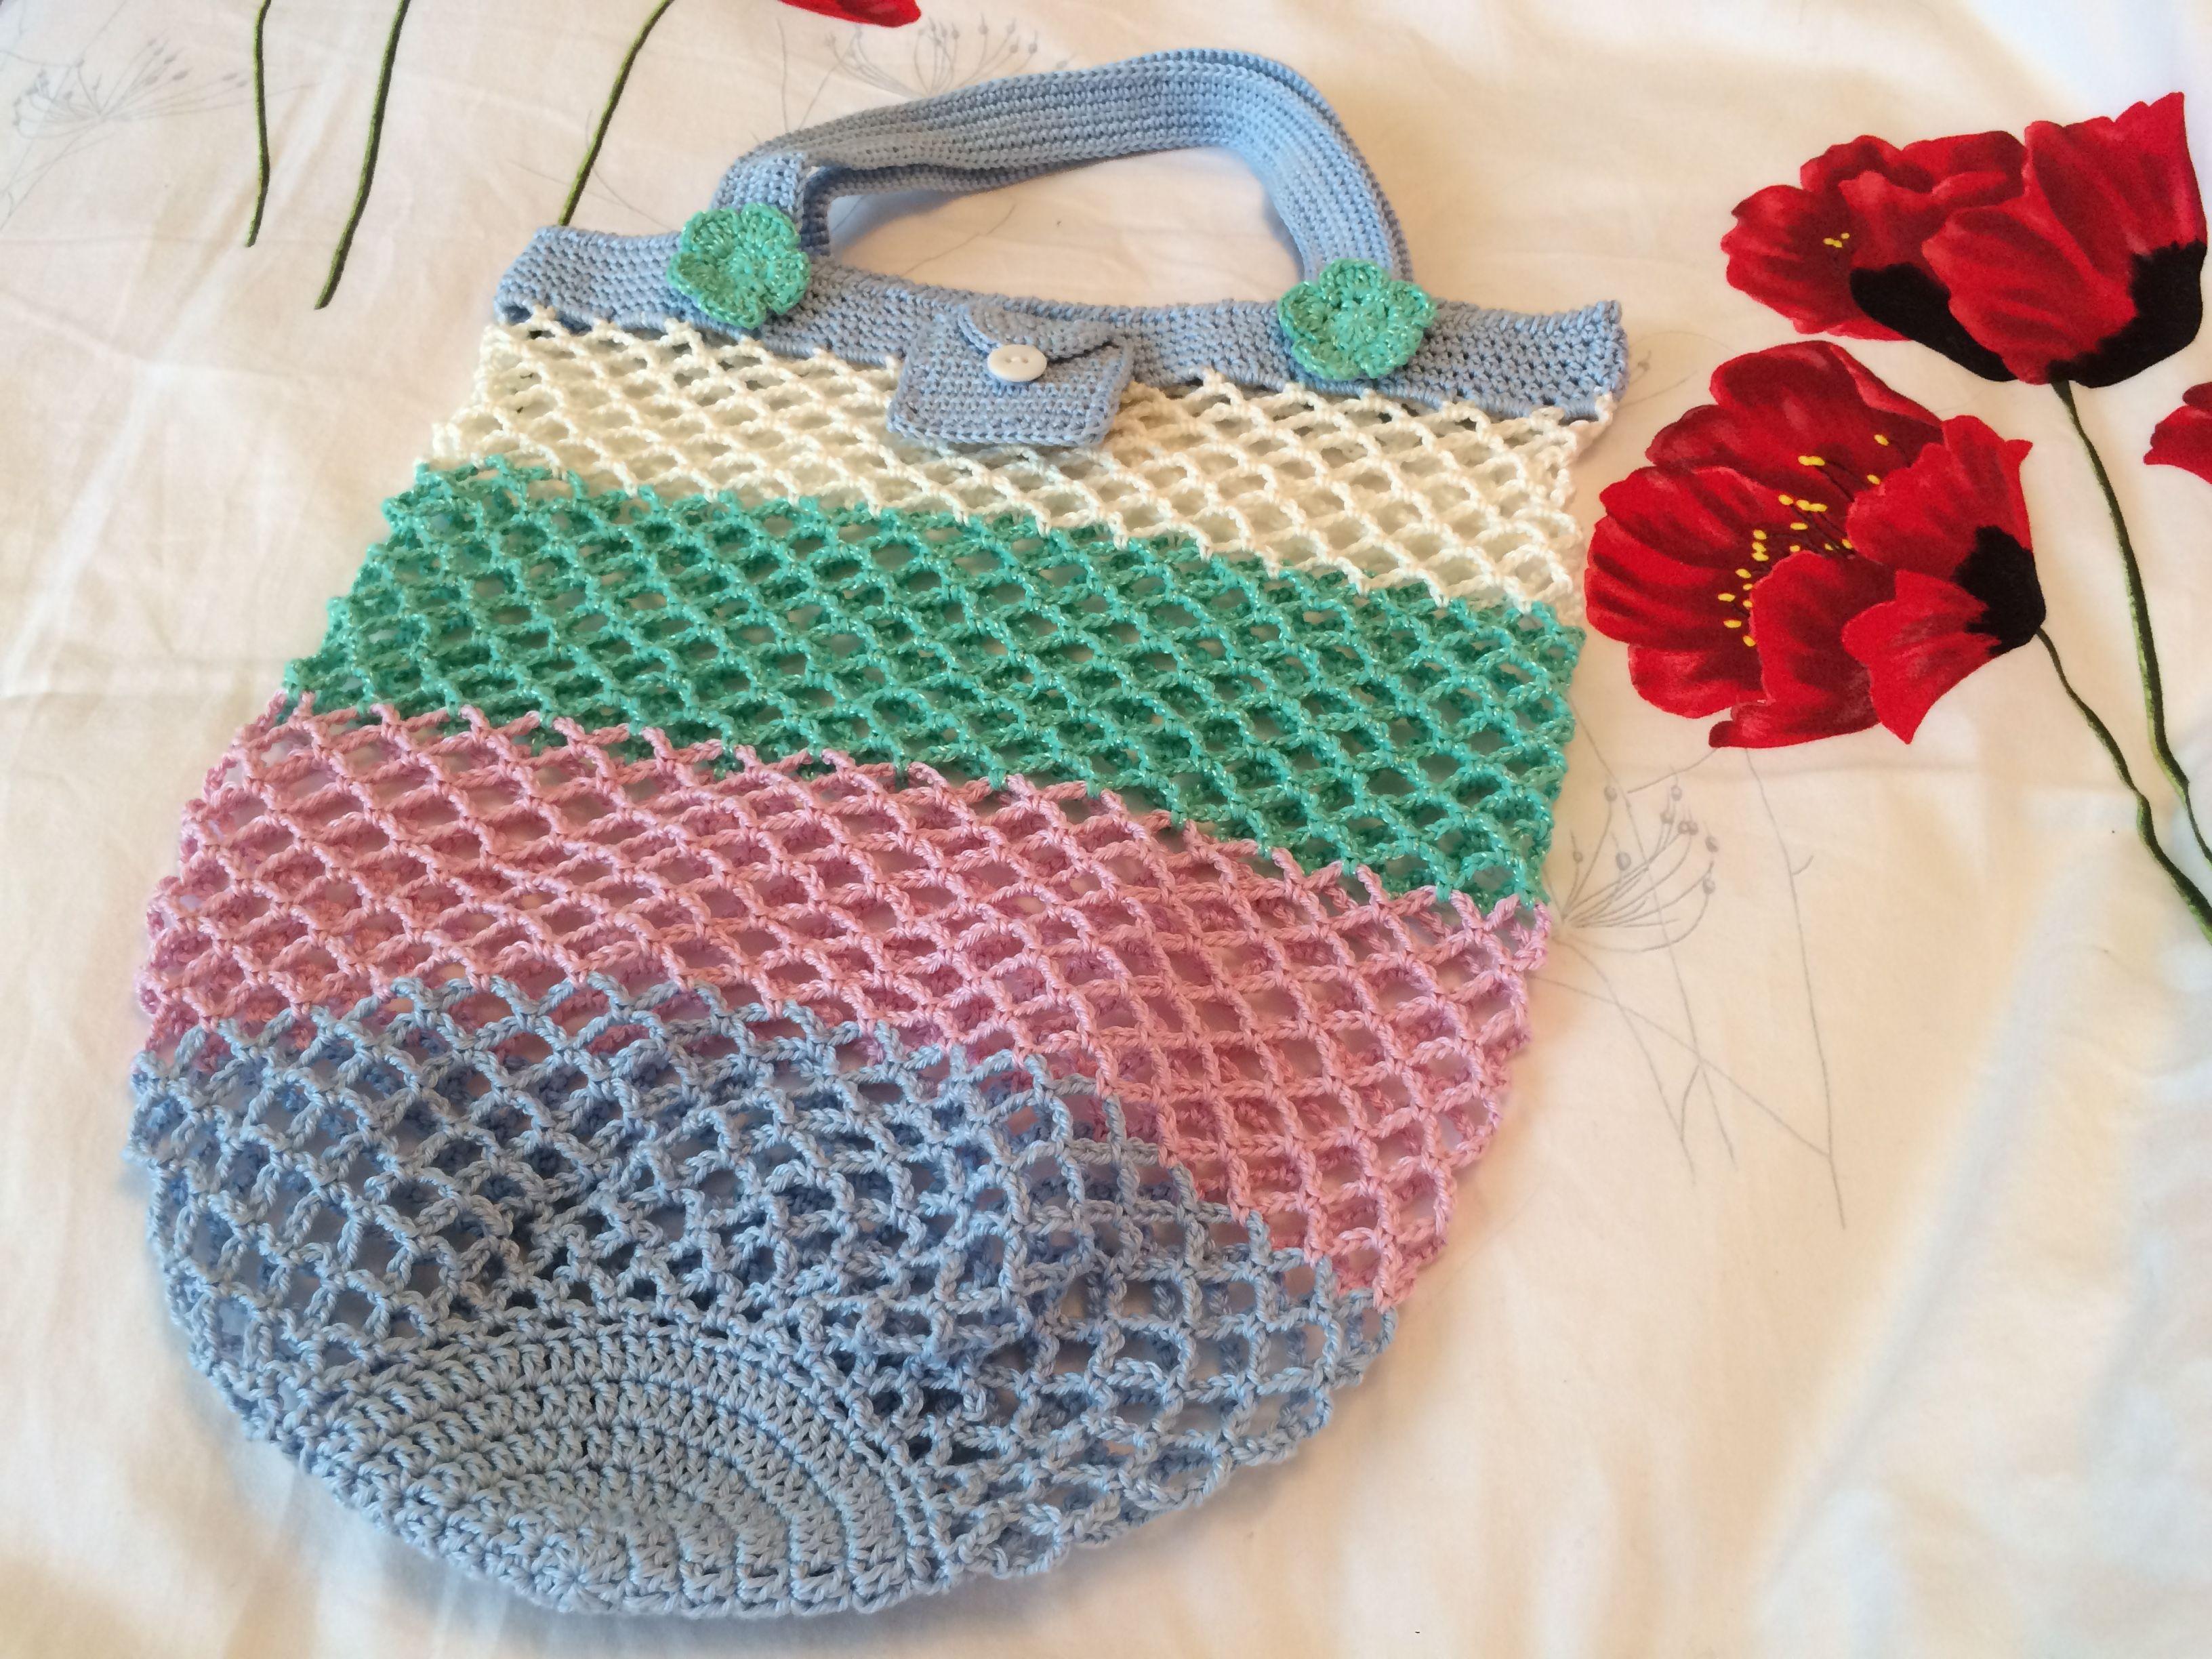 Gehäkelte Einkaufstasche | Meg | Pinterest | Einkaufstaschen und Häkeln